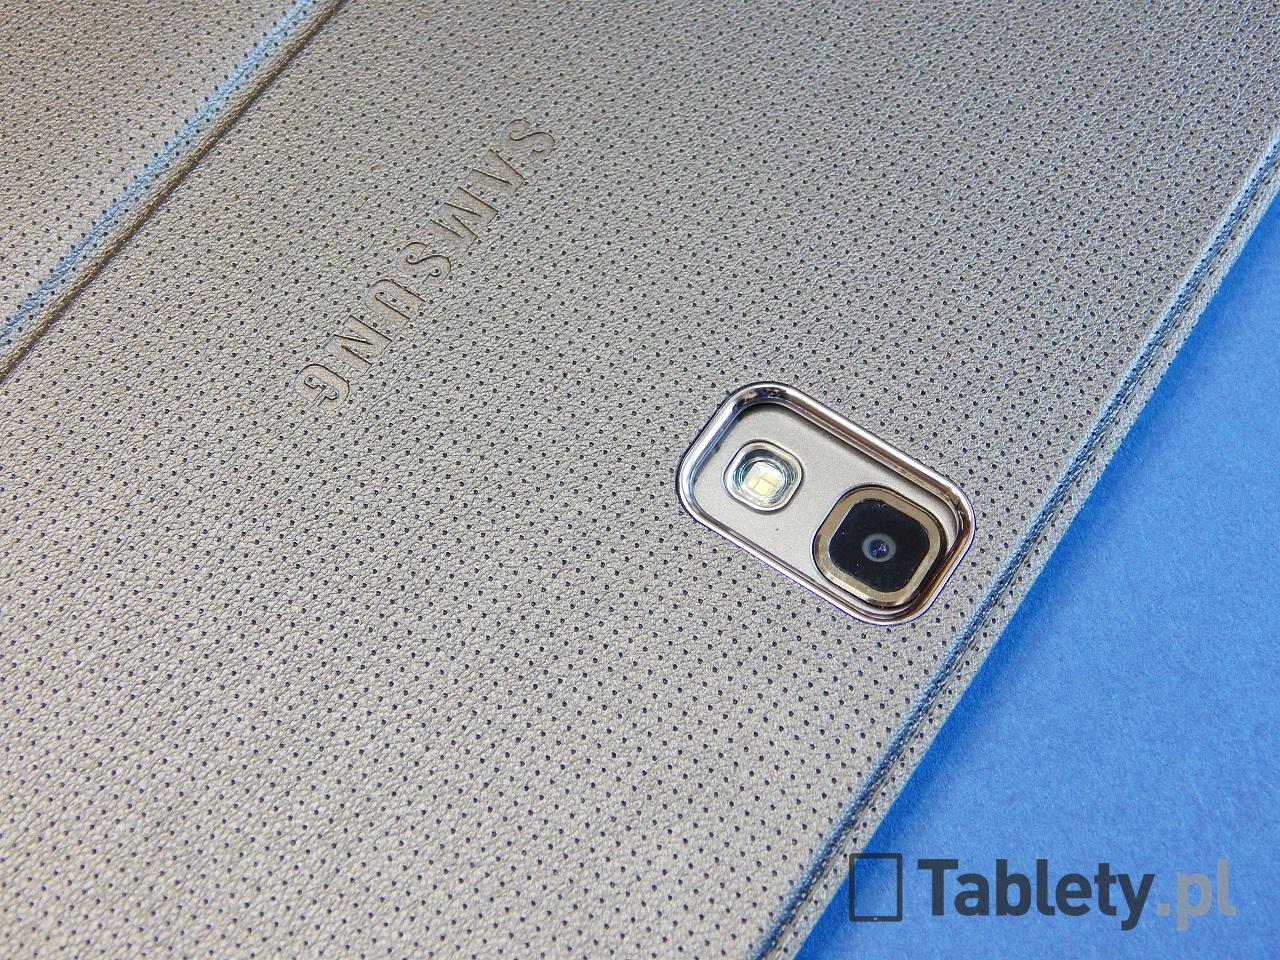 Samsung Galaxy Tab S 10.5 16